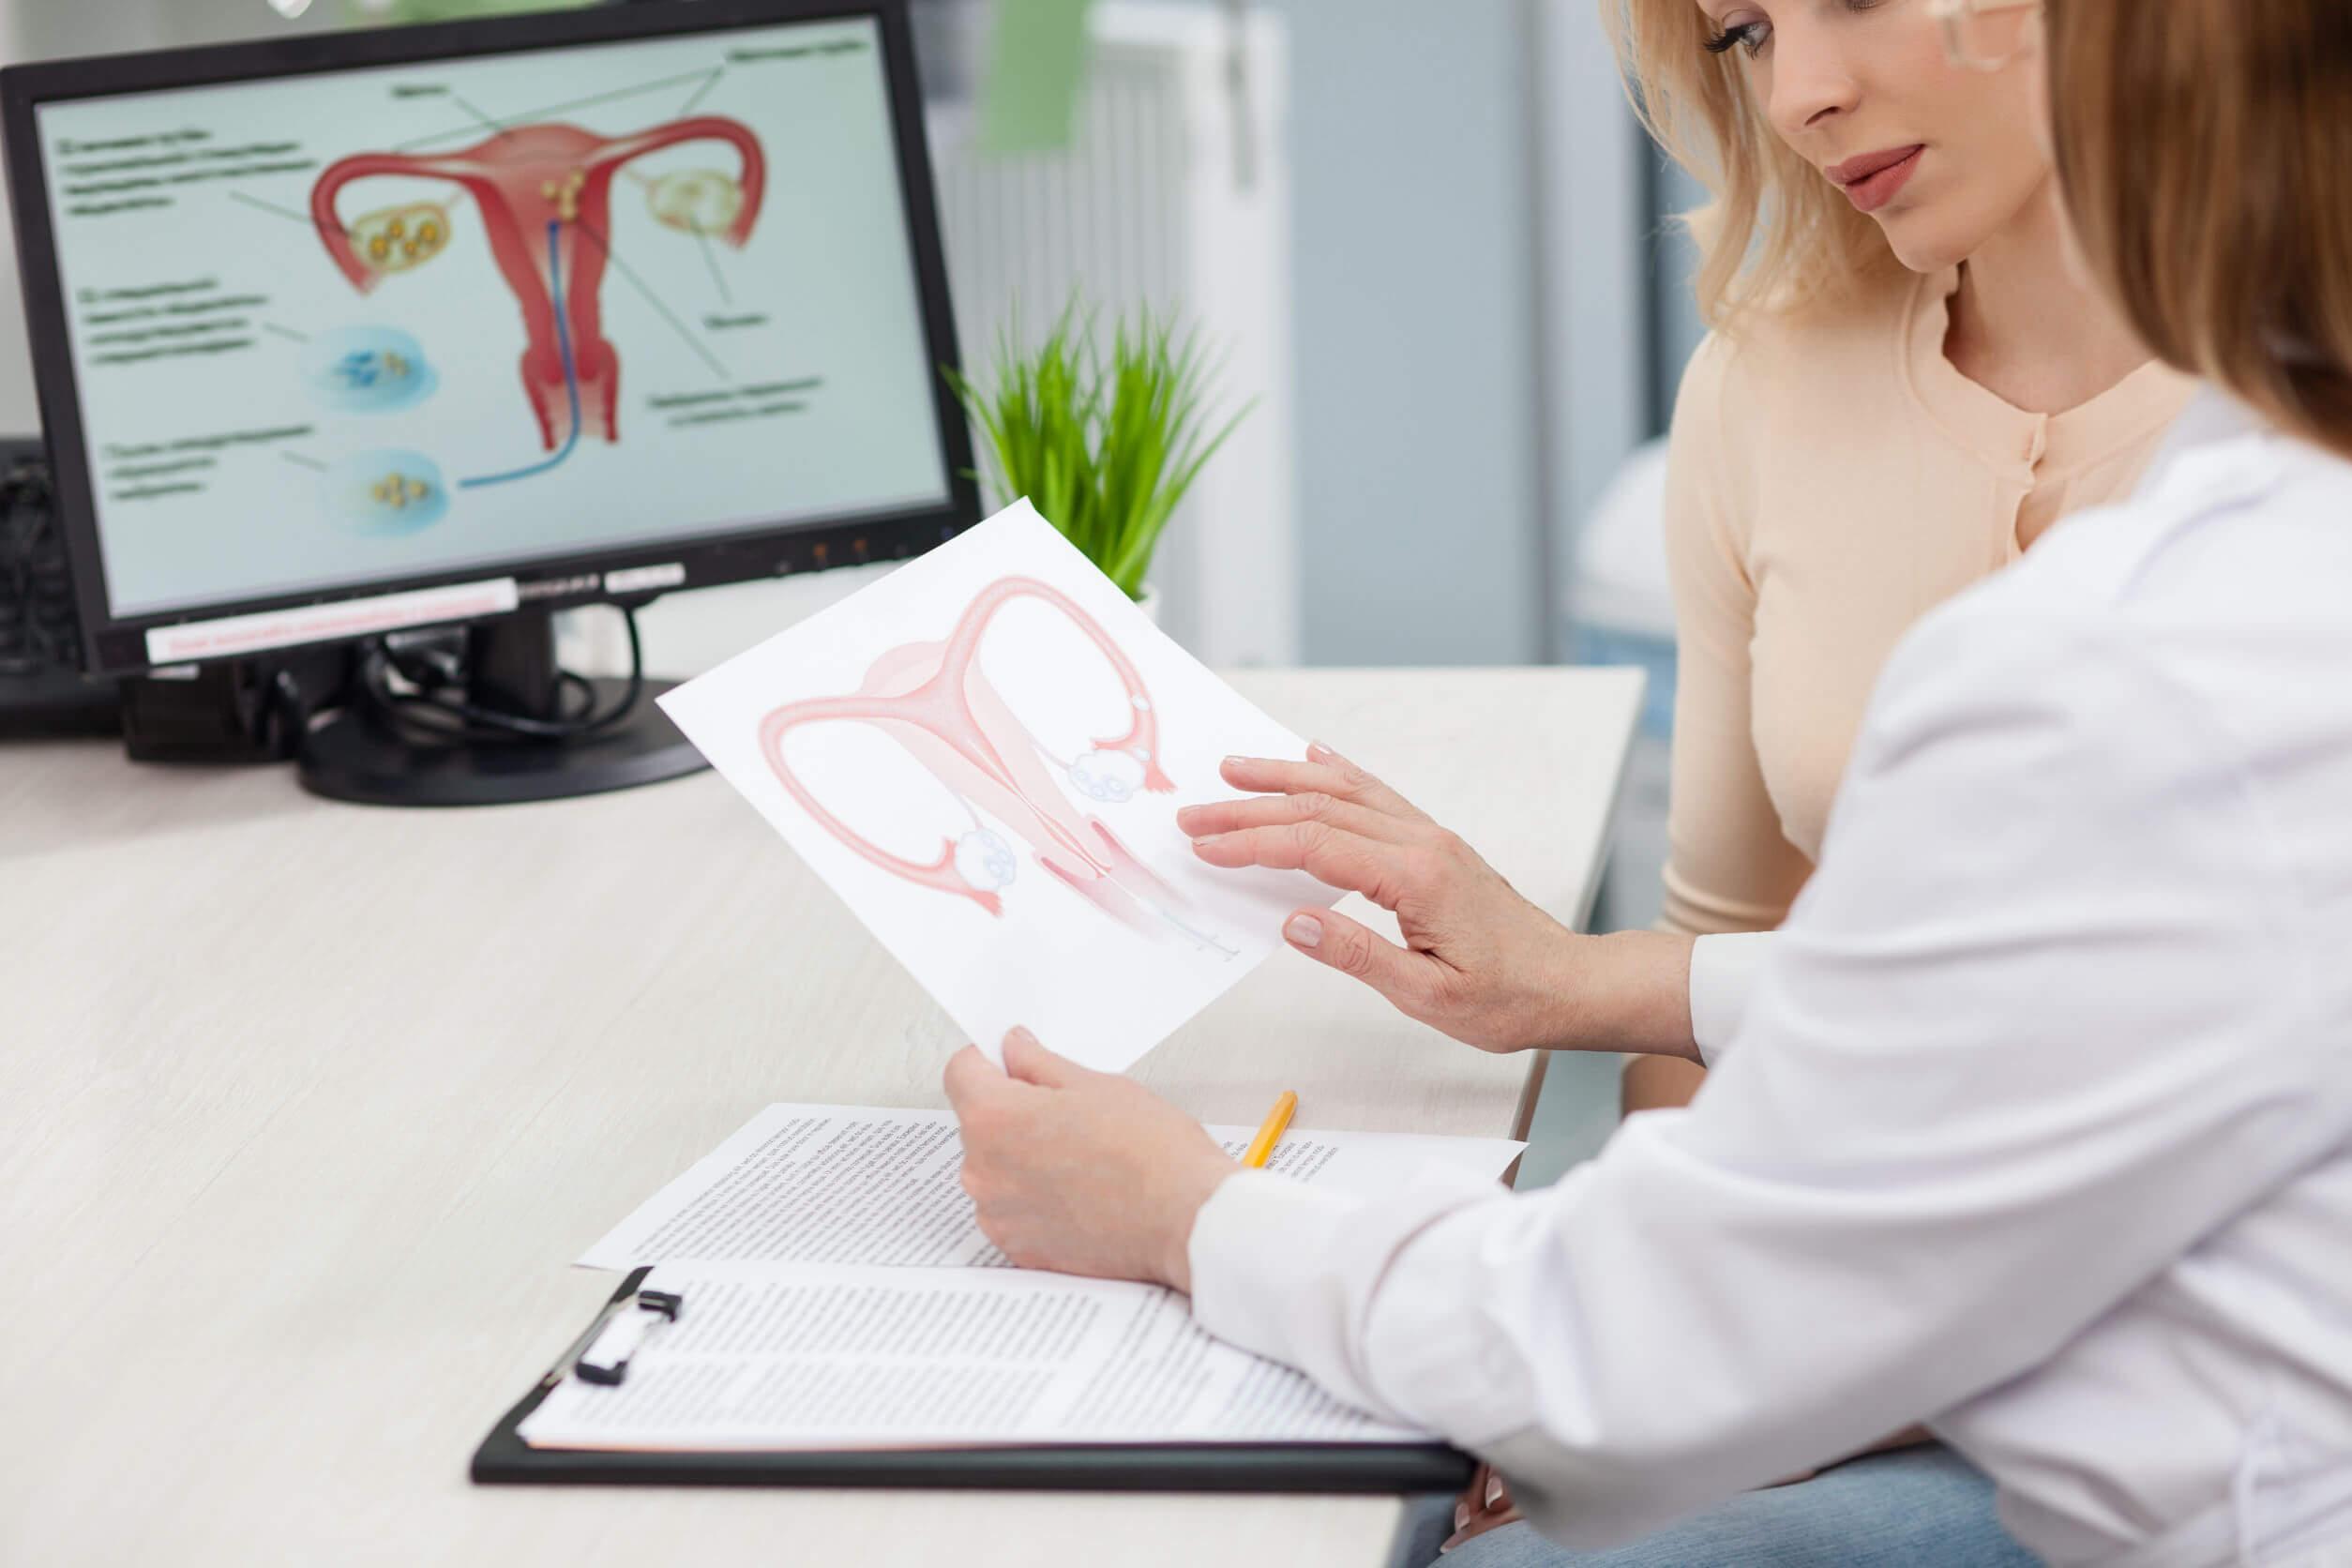 O uso de anticoncepcionais e o desenvolvimento de hipertensão geralmente não levam à interrupção do tratamento.